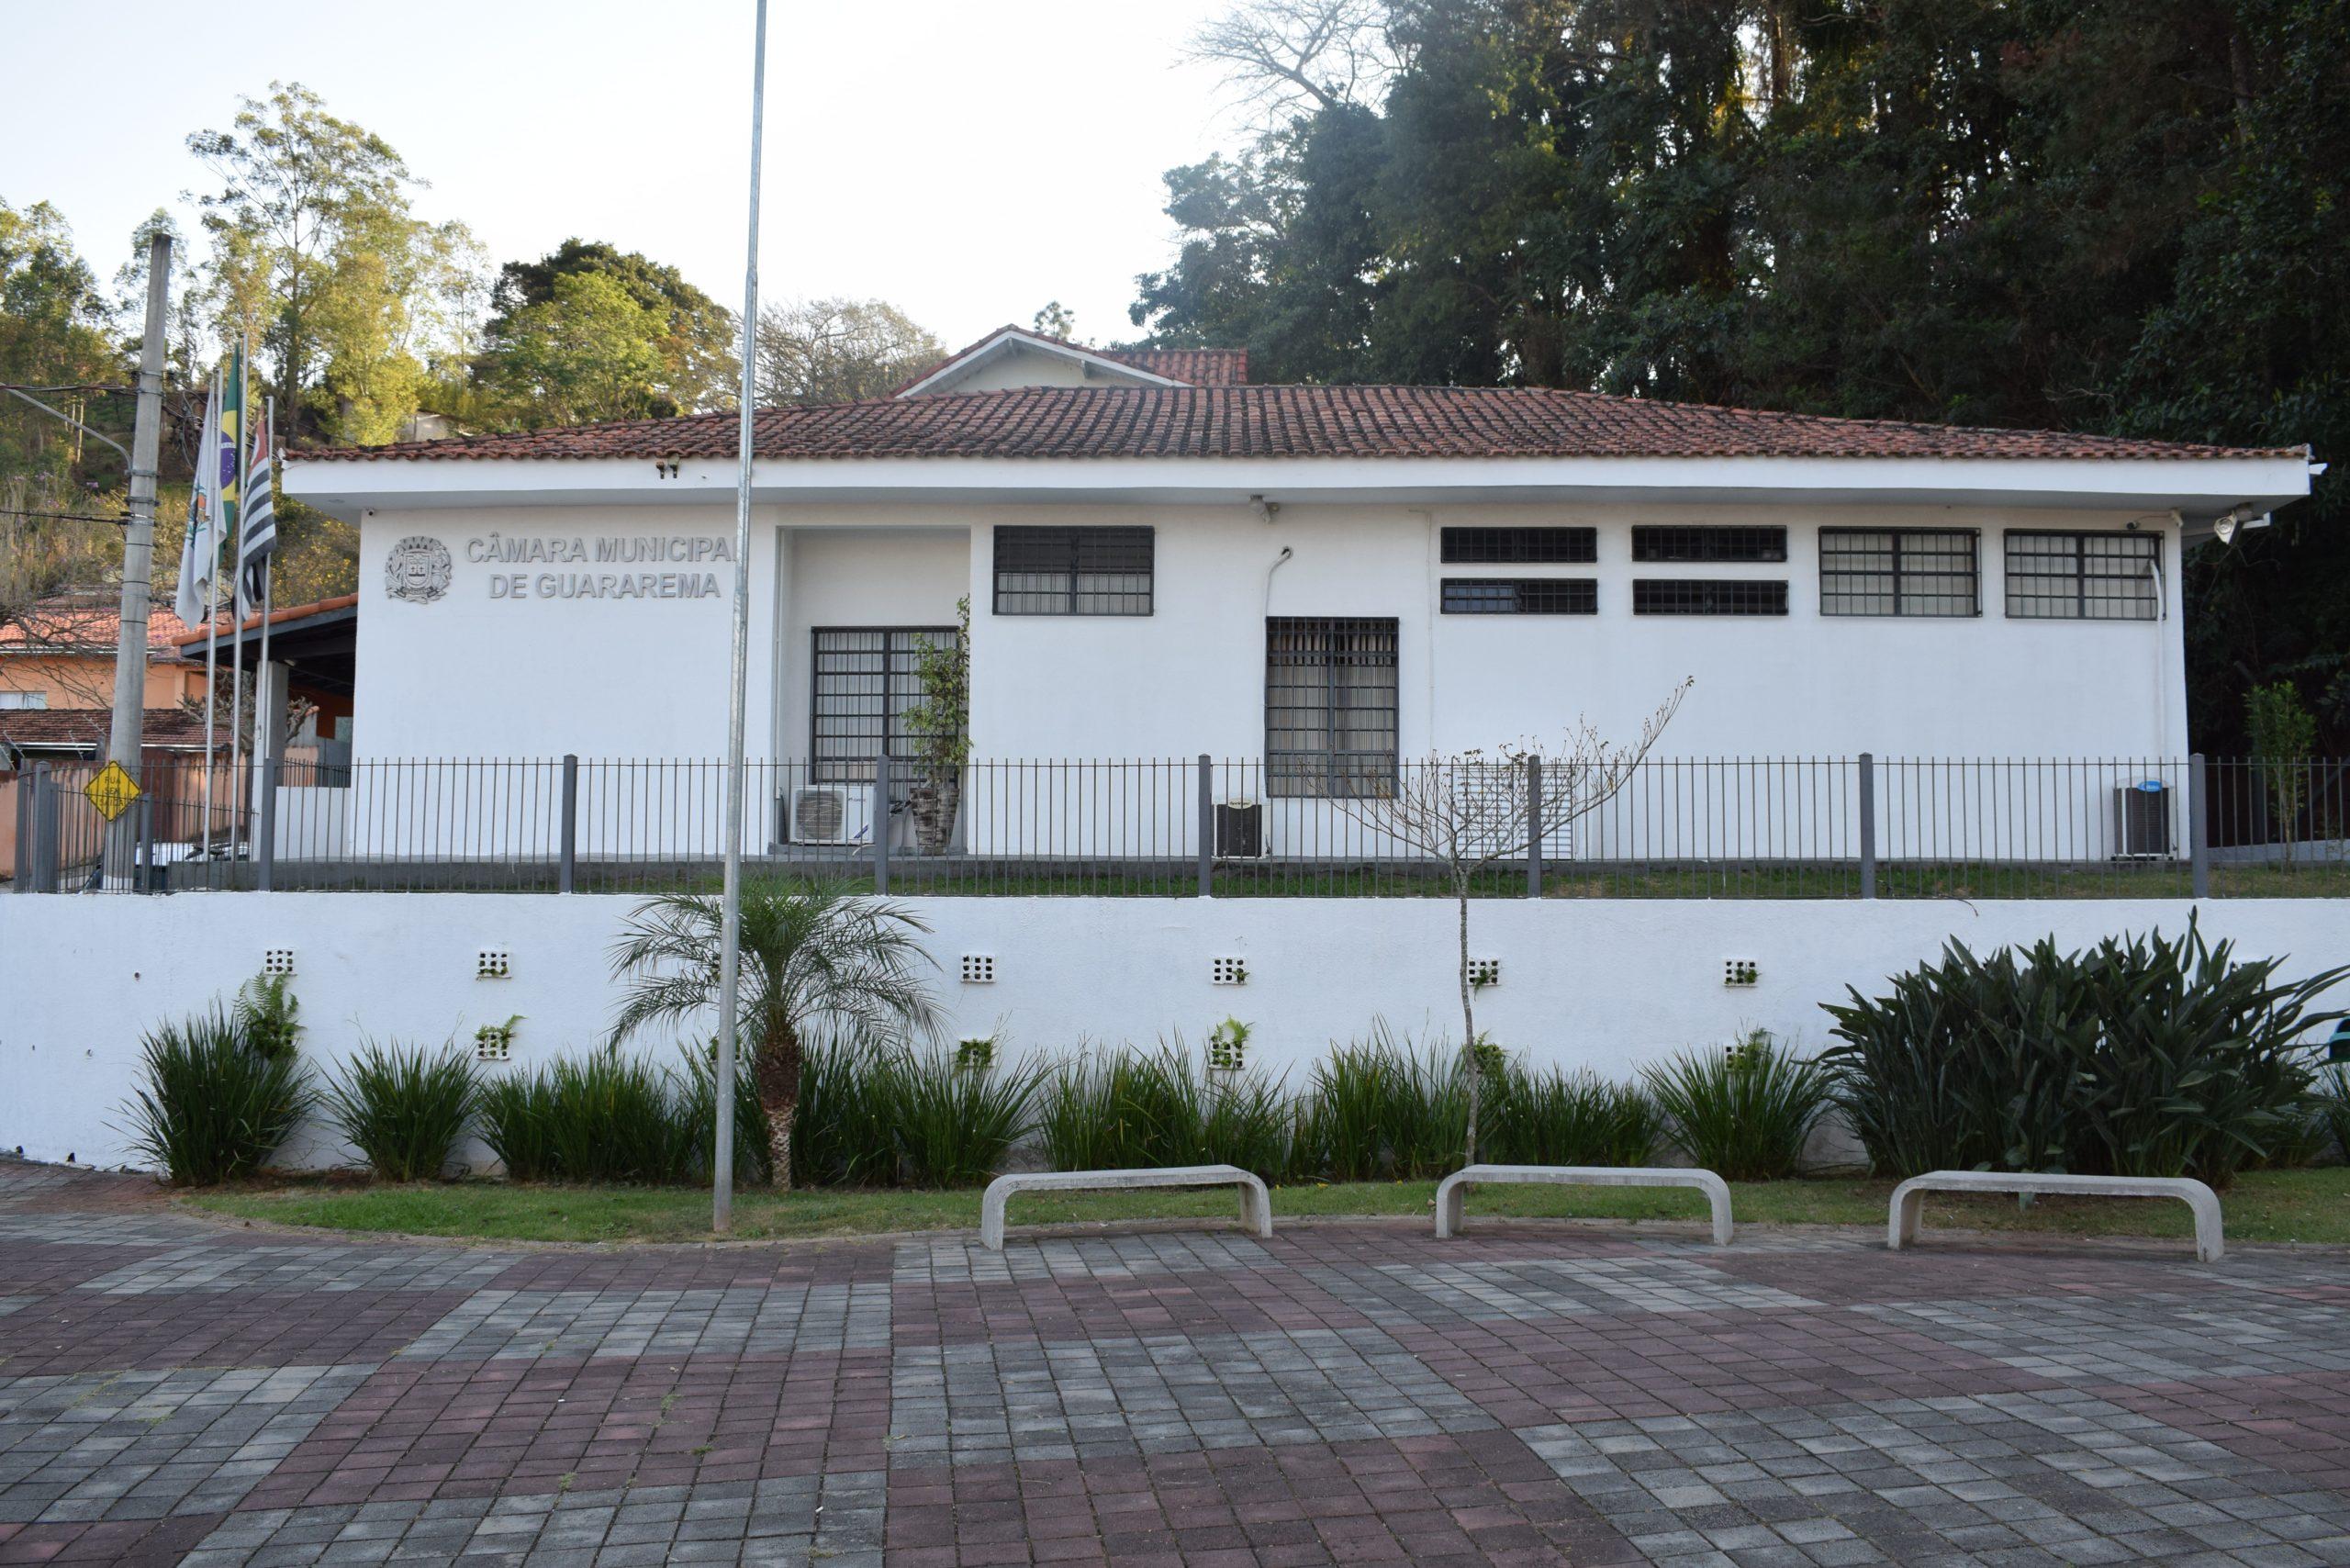 Câmara Municipal retorna com o atendimento presencial mantendo protocolos sanitários